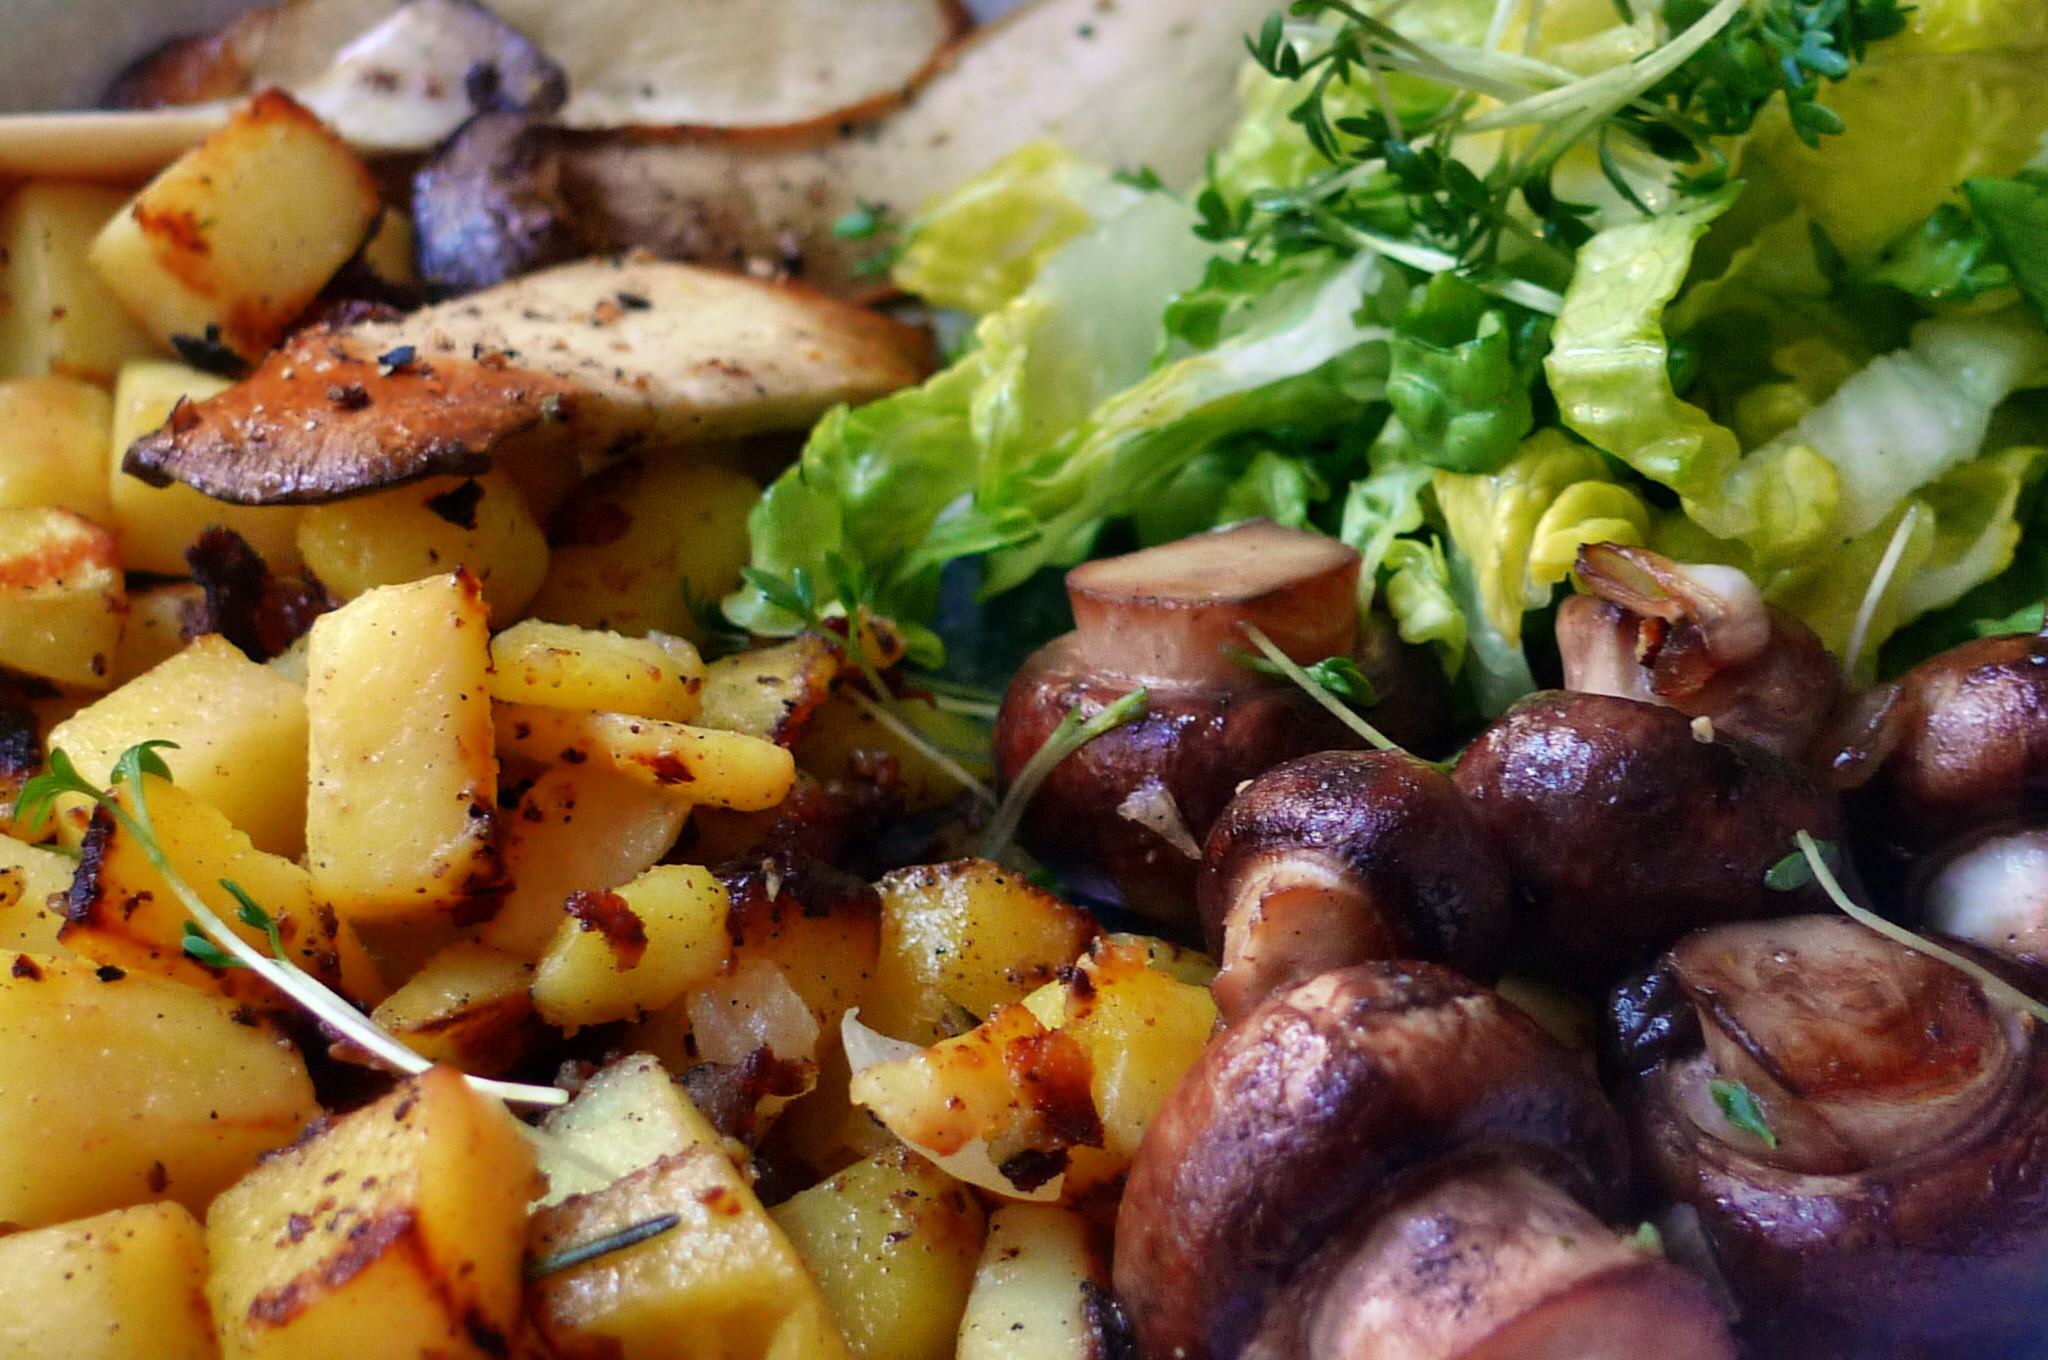 Roh gebratene Kartoffeln,Kräutersaitlinge,Champignon,Römersalat - 26.2.15   (15)